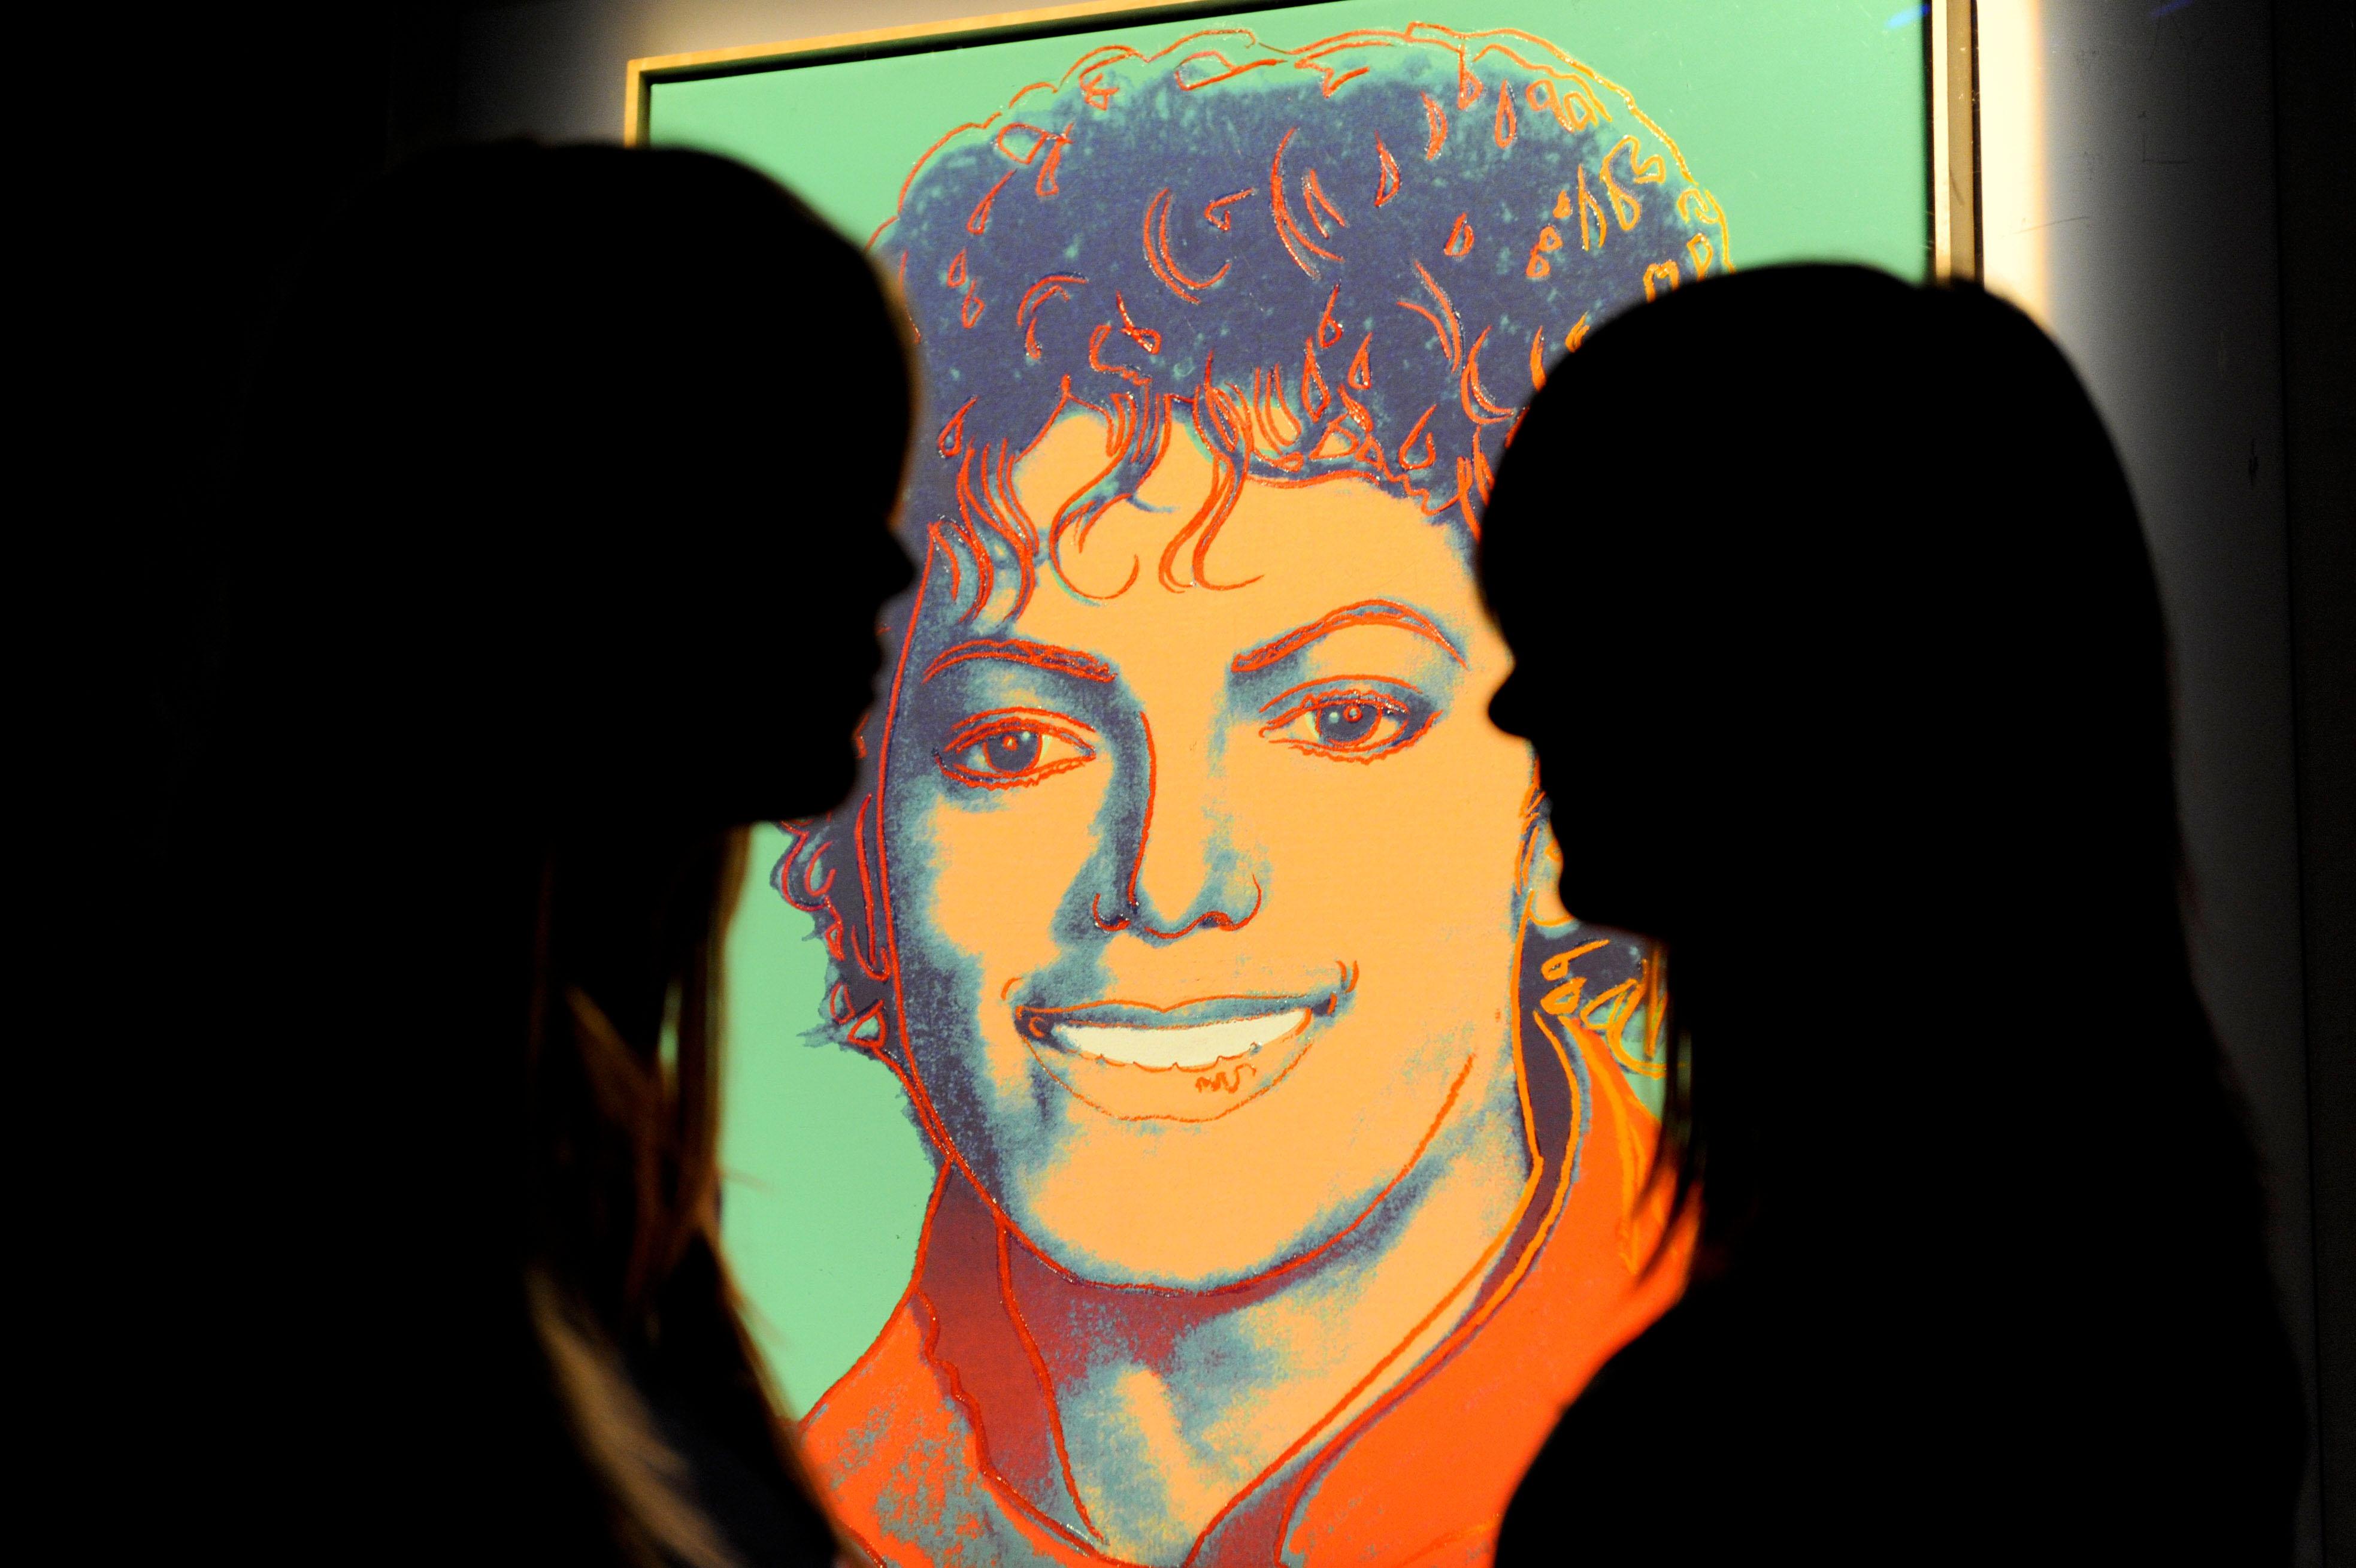 Le più belle frasi di Michael Jackson dalle sue canzoni